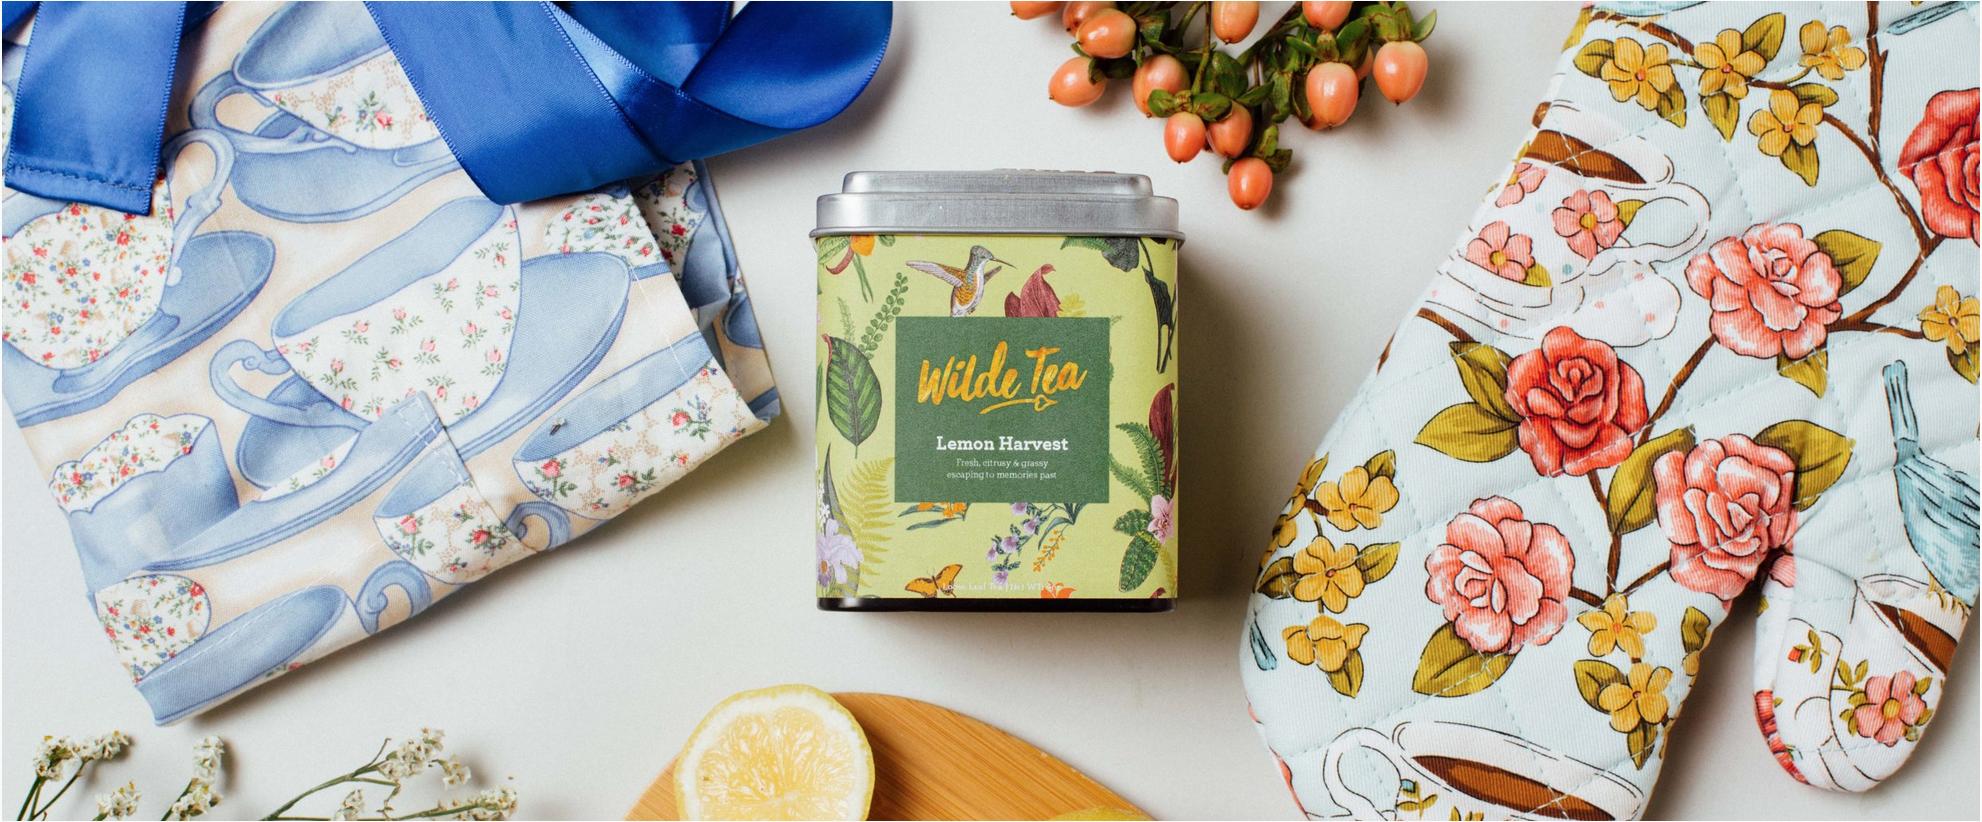 wilde tea